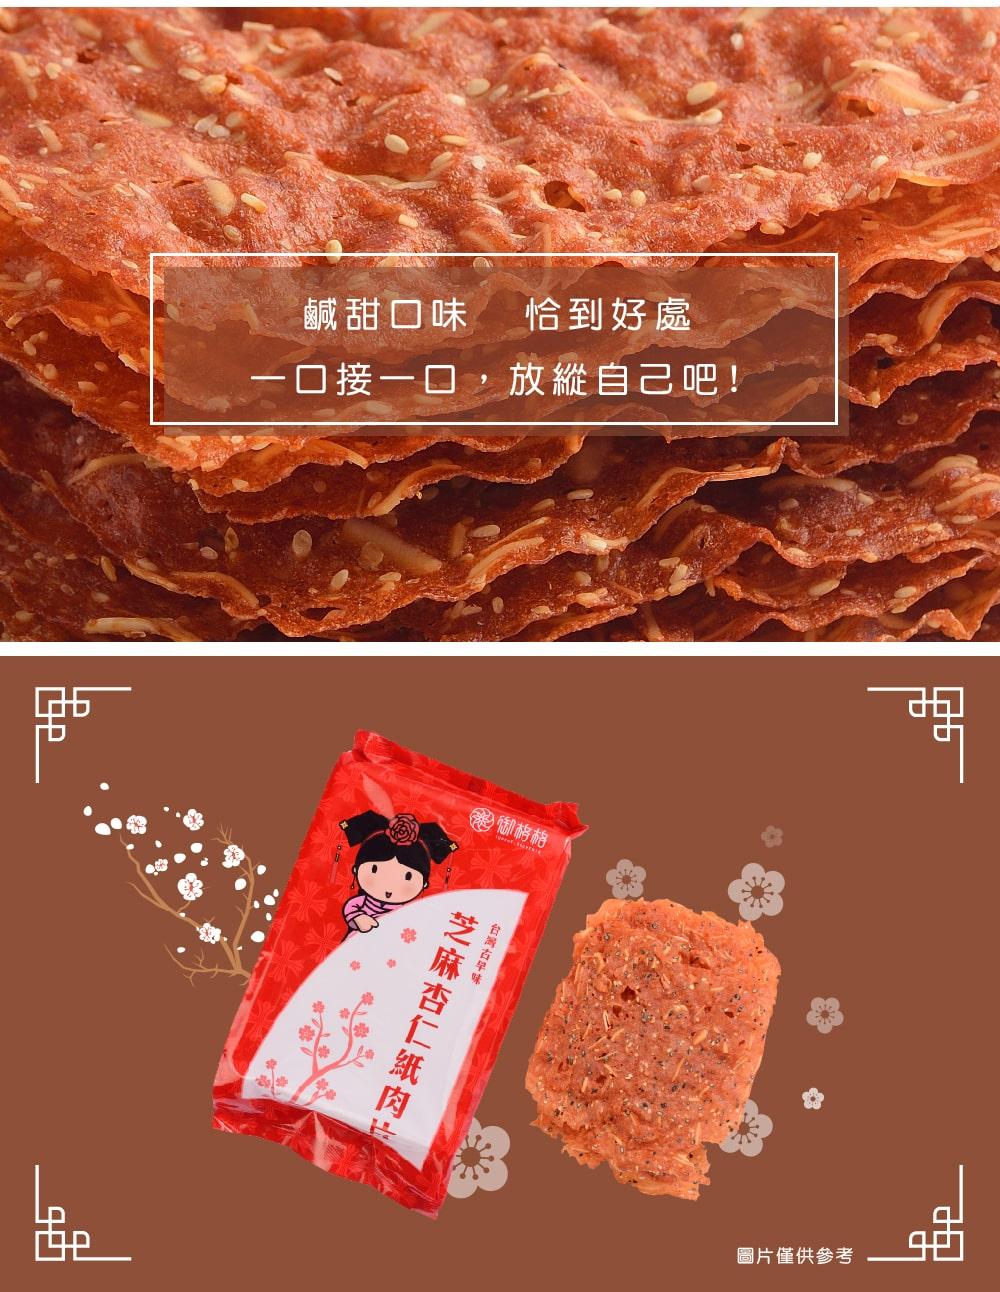 御格格-肉乾-05-min